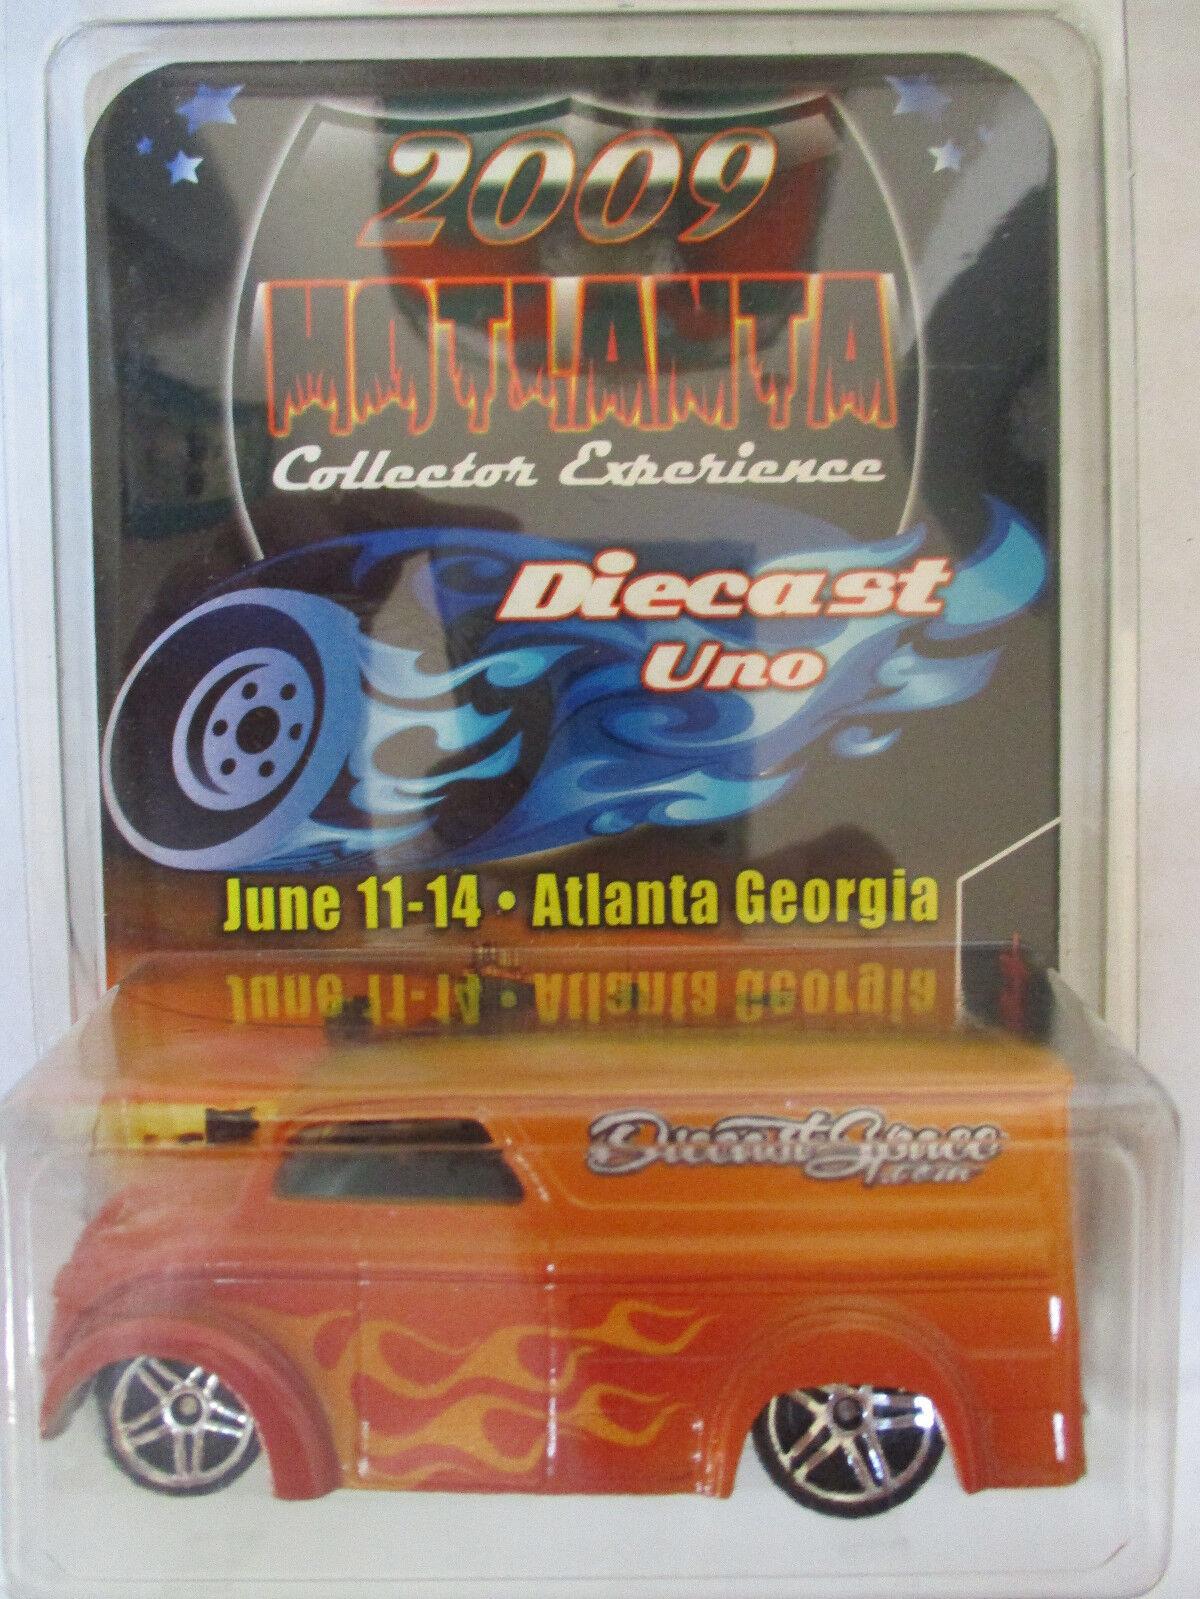 Hot Wheels 2009 Hotlanta Collector Experience Diecast Uno Car